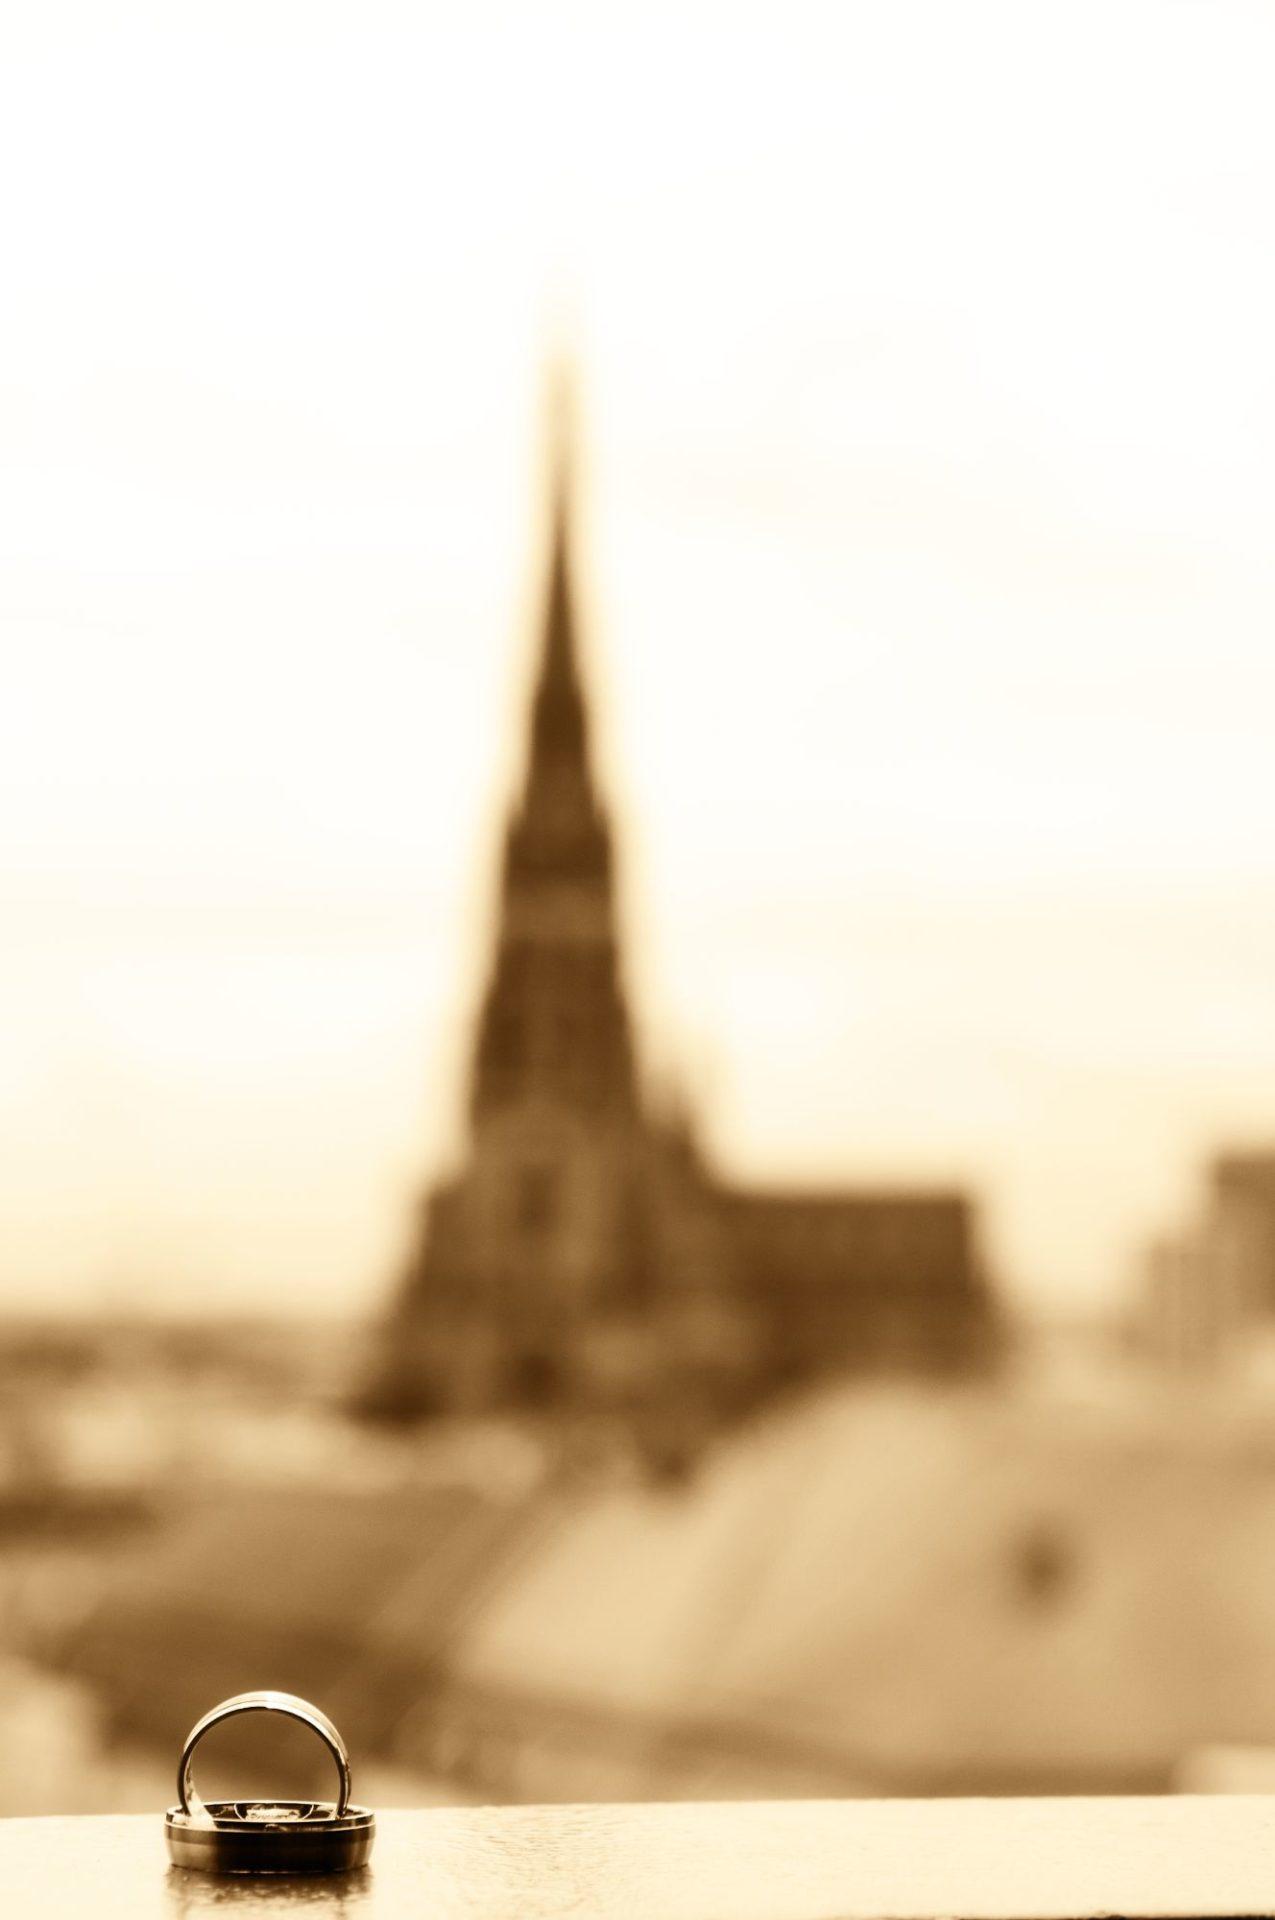 Ringe mit Kirche im Hintergrund